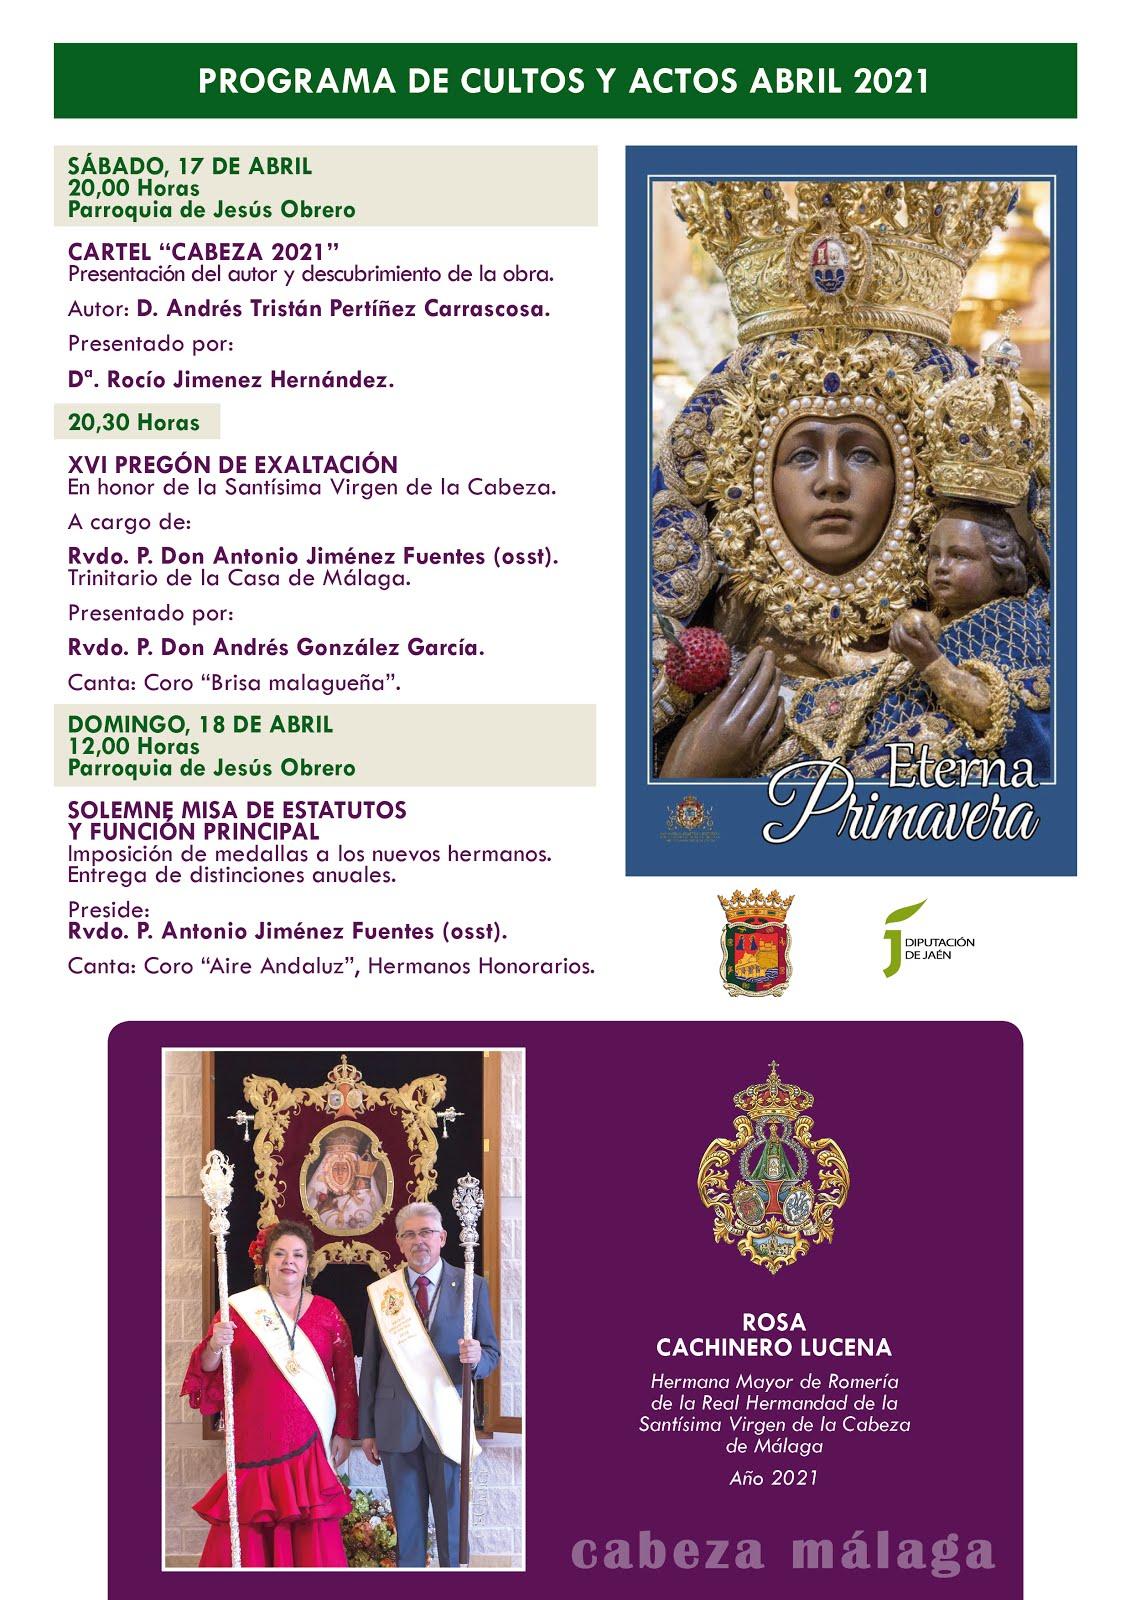 Programa de ACTOS Y CULTOS ABRIL 2021. Real Hdad. de Málaga.